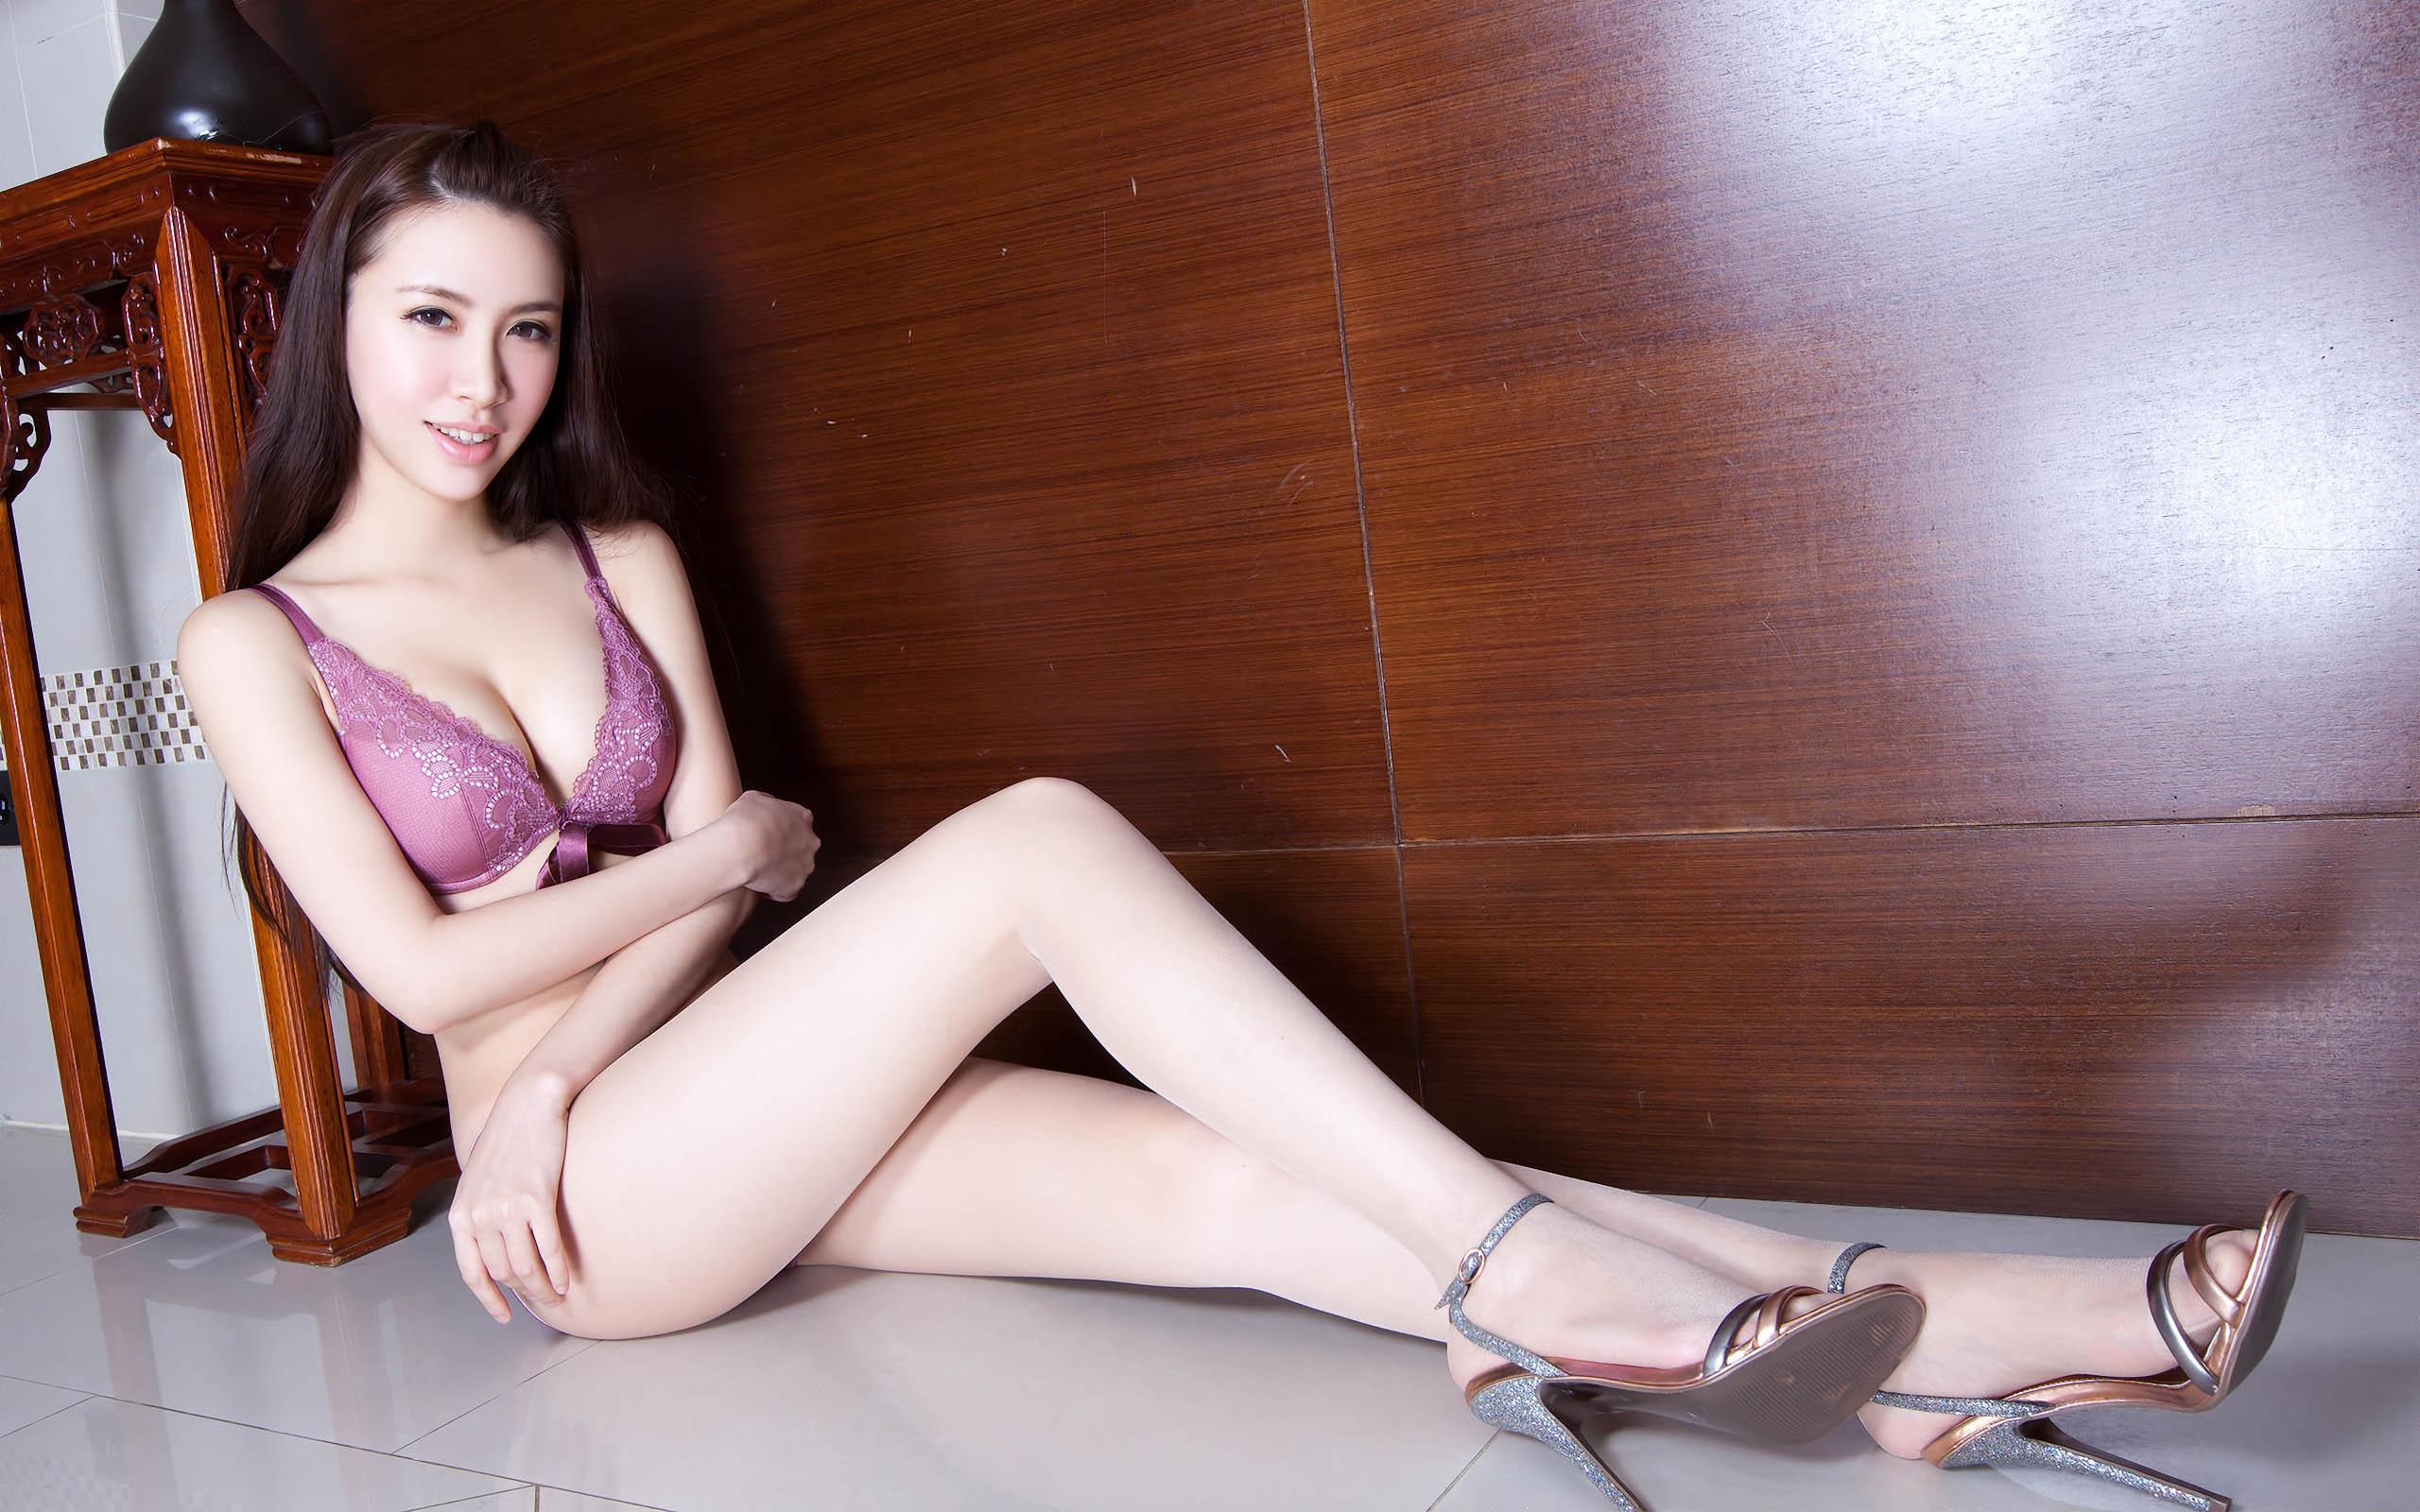 臺灣美腿美女stephy2 - 花開有聲 - 花開有聲